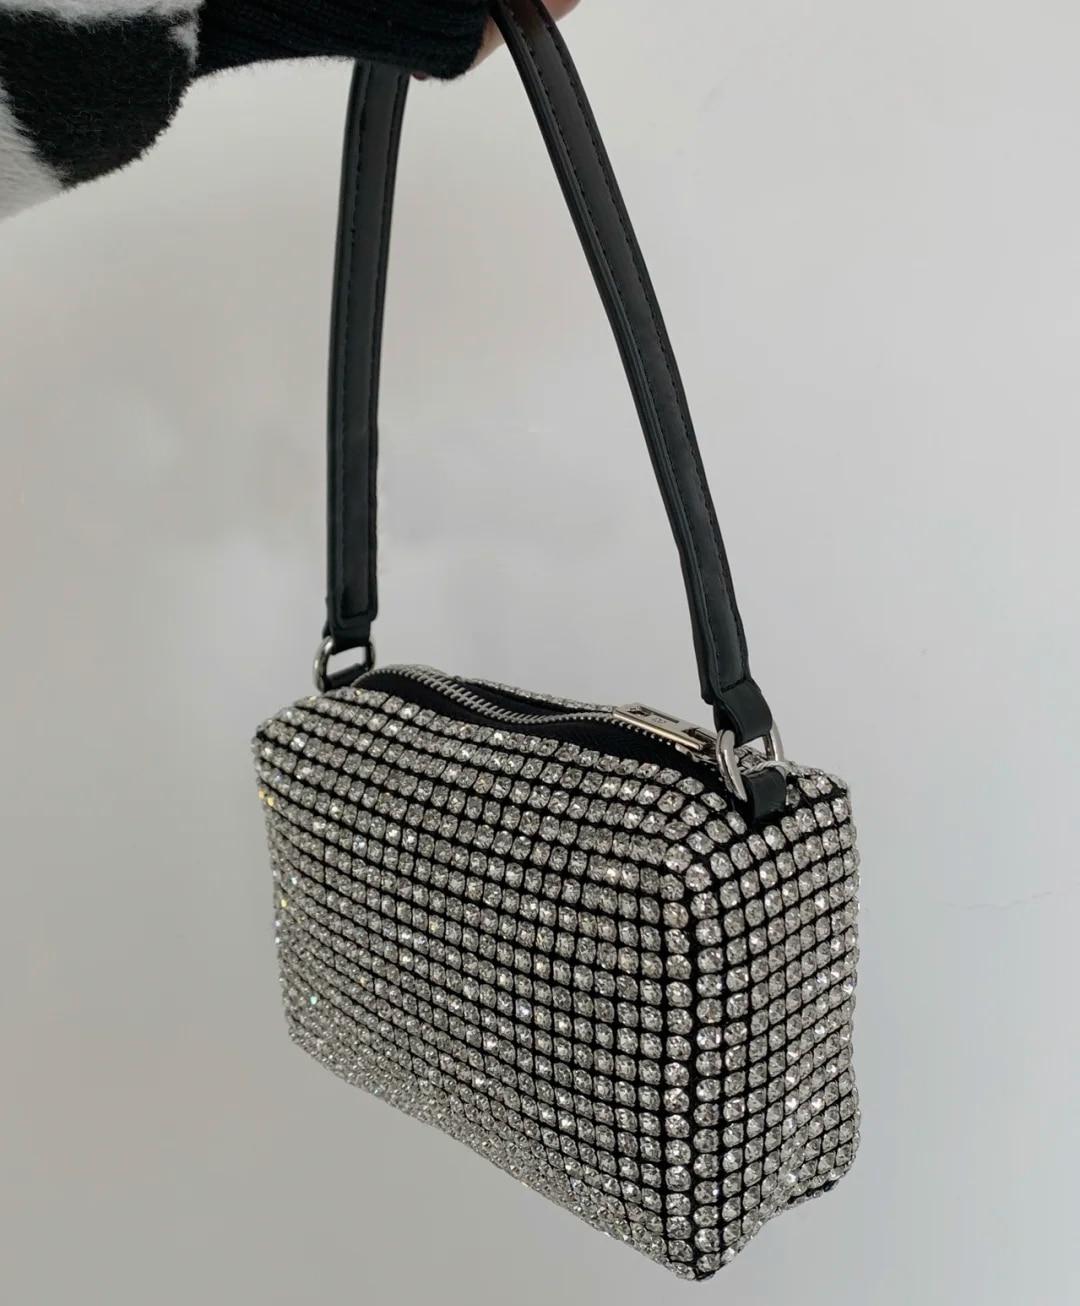 يانغ يي حقائب اليد موضة الكتف سياج محمول صندوق مربع صغير تحت الإبط